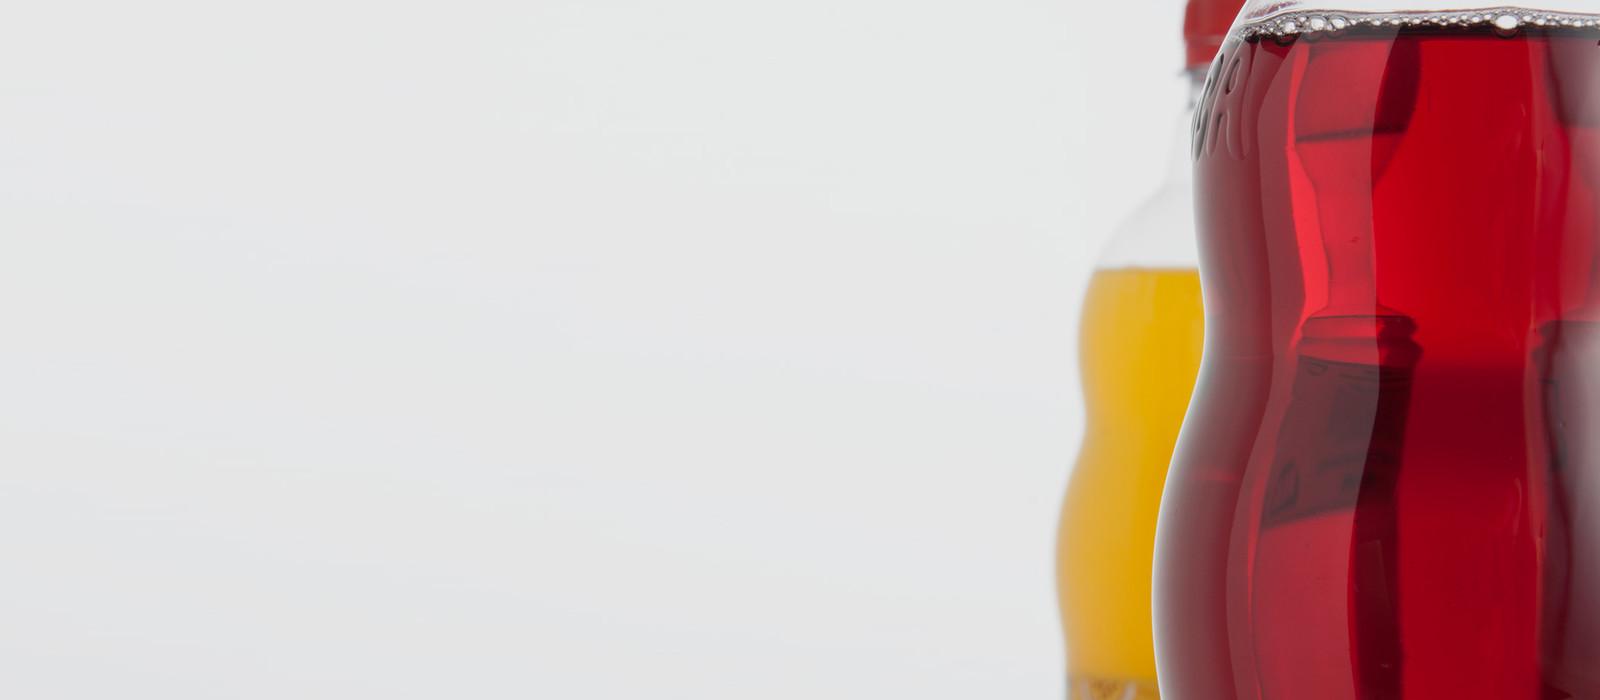 Pepsico - Punica